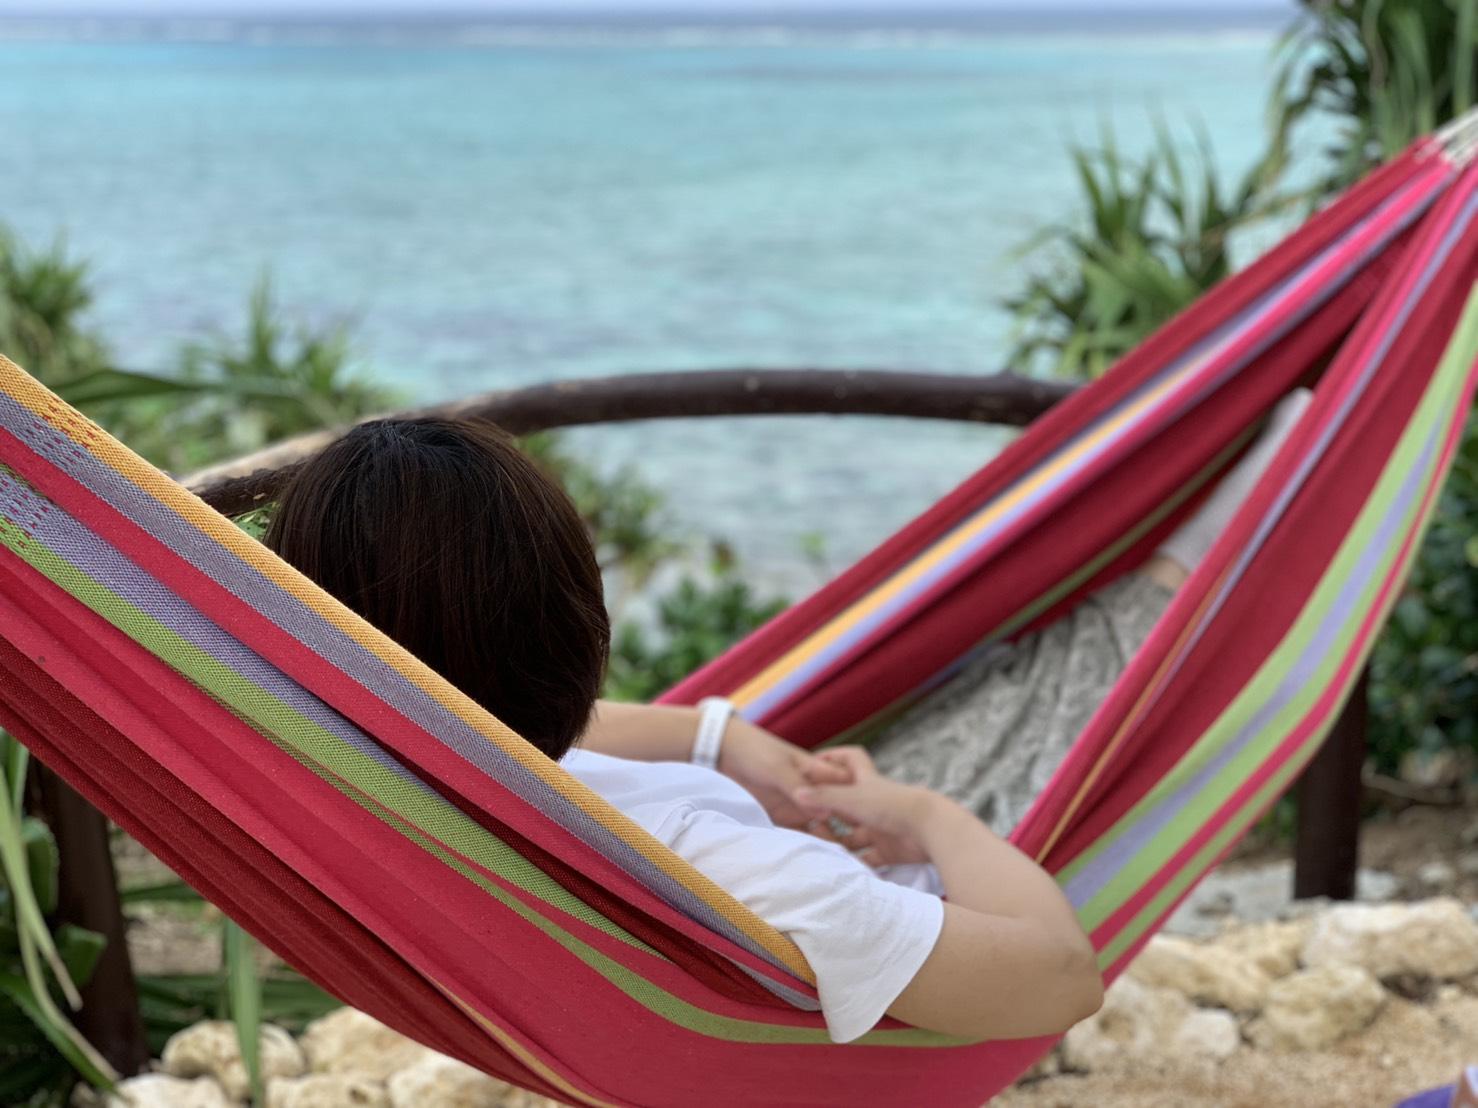 宮古島の海を見ながらハンモックに揺られて癒やされ中